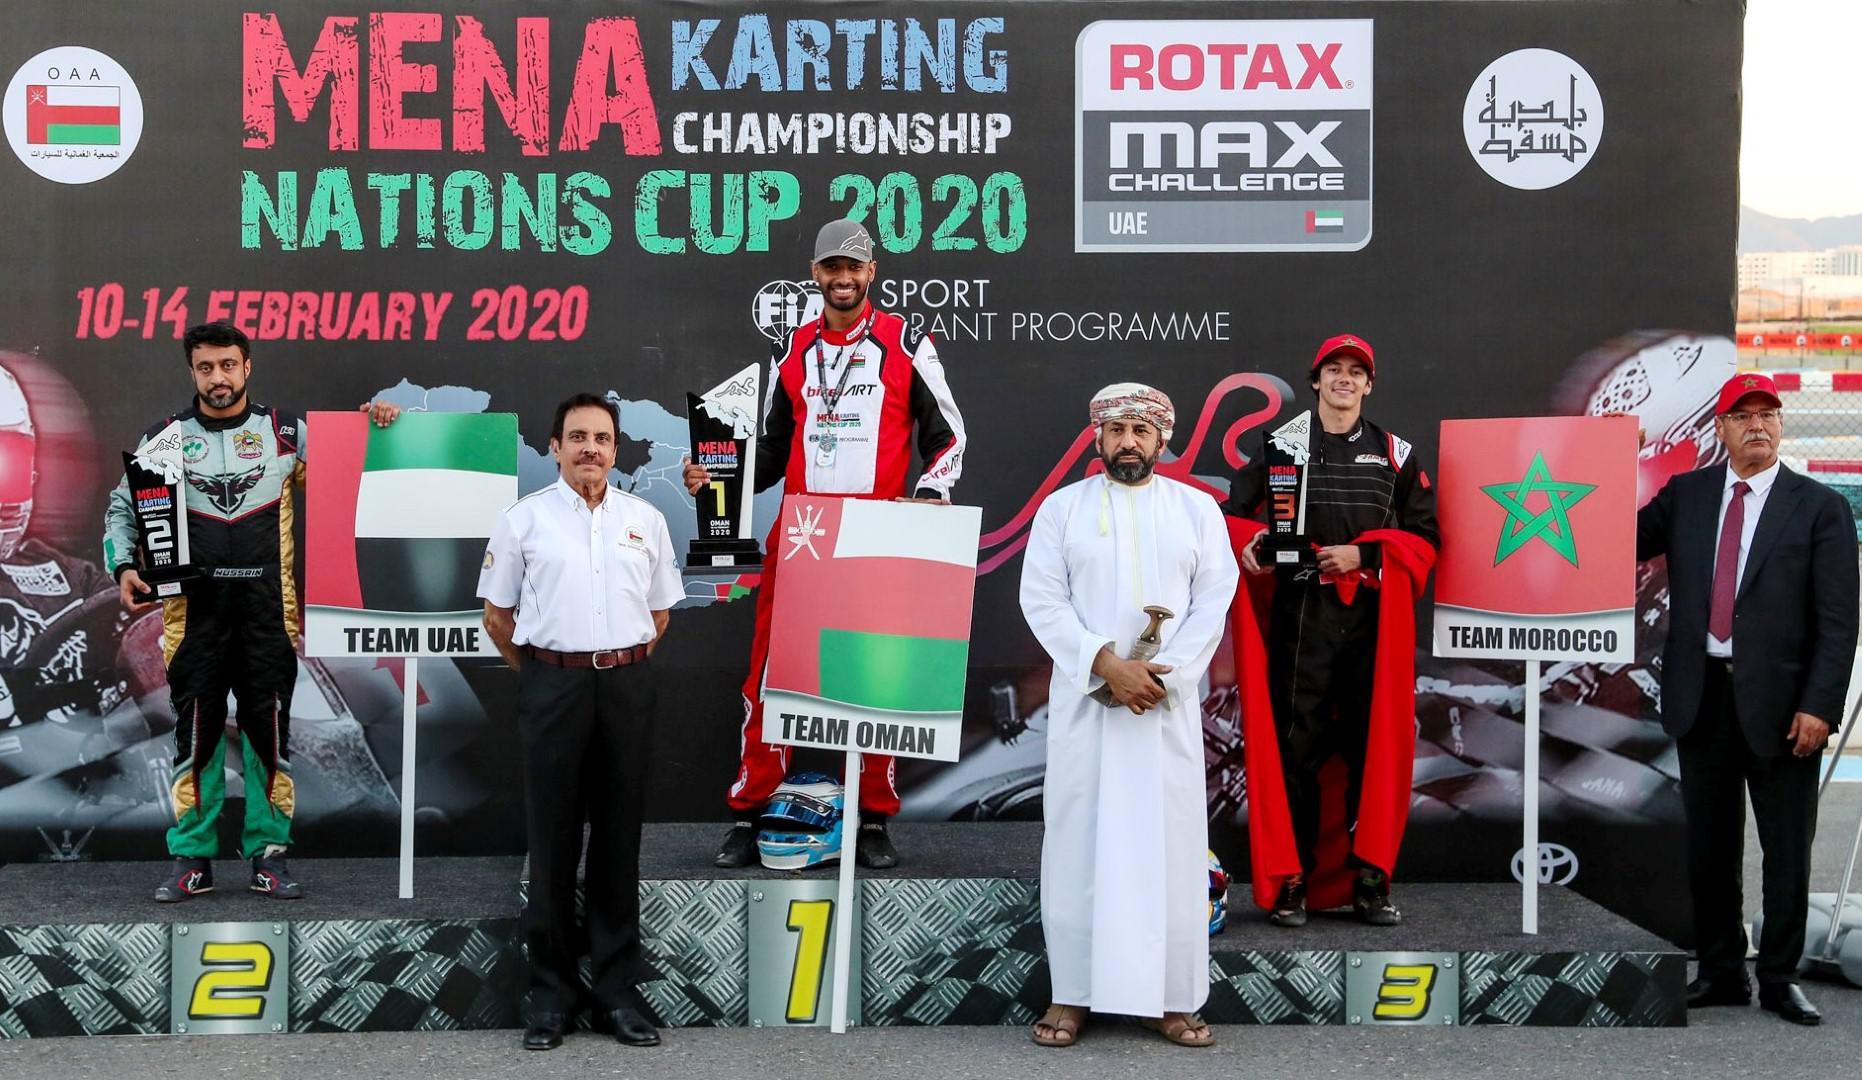 mena-karting-nations-cup-le-maroc-deuxieme-1195-2.jpg